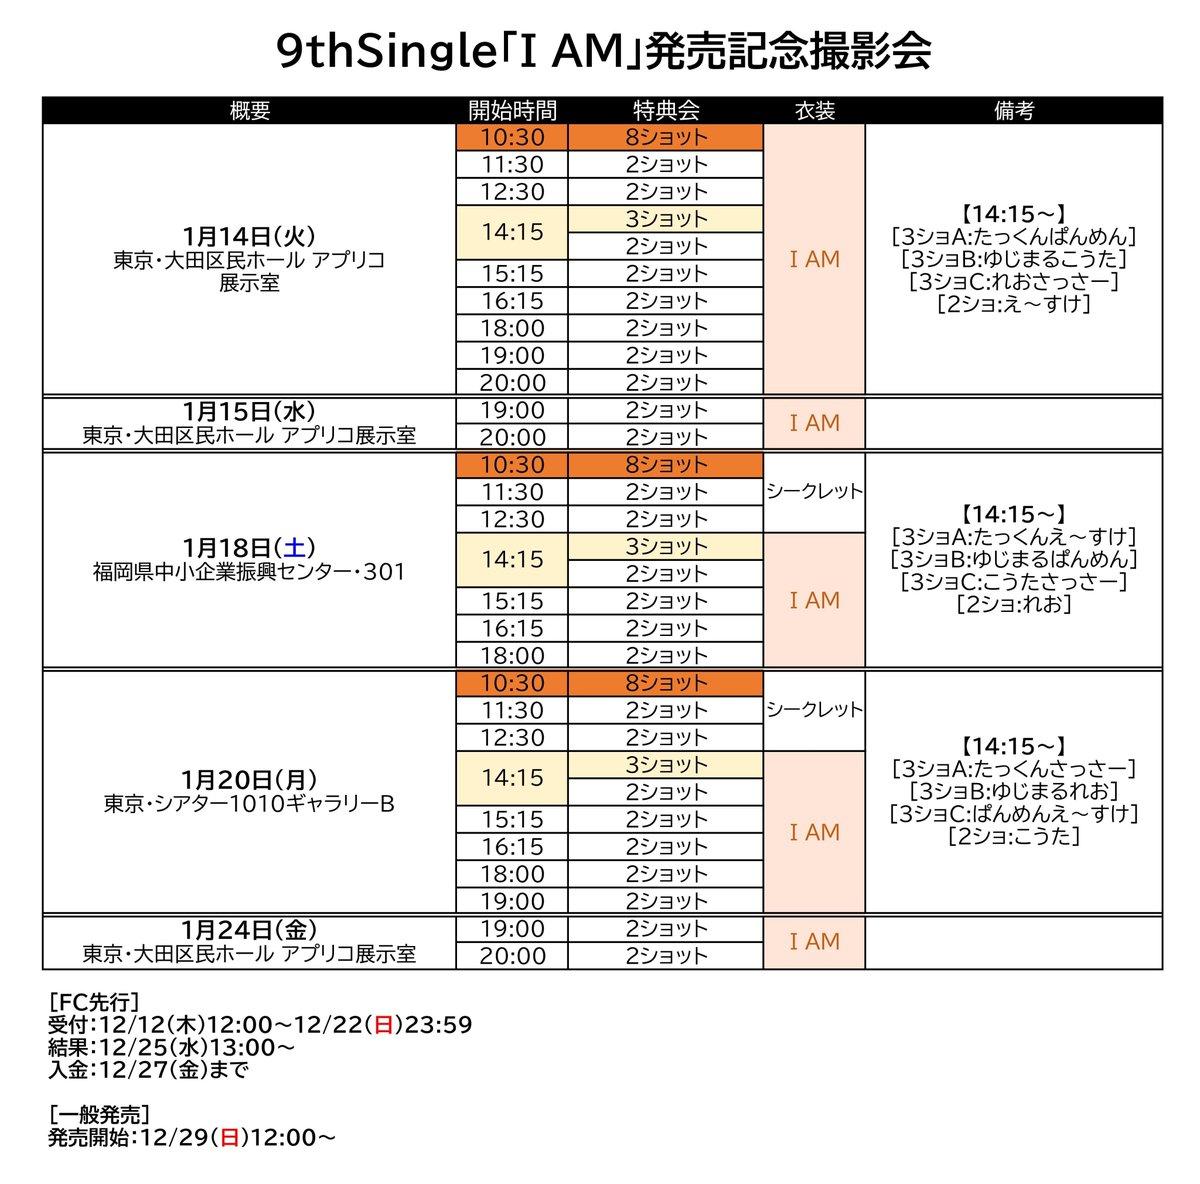 【9thSingle「I AM」発売記念撮影会】9thSingle発売を記念して撮影会を開催!ぜひちょこぼに会いに来てくださいぼむ💣■チケット日程[FC先行受付]12/12(木)12時~22(日)23:59[一般発売]12/29(日)12時~■詳細#ちょこぼイベント